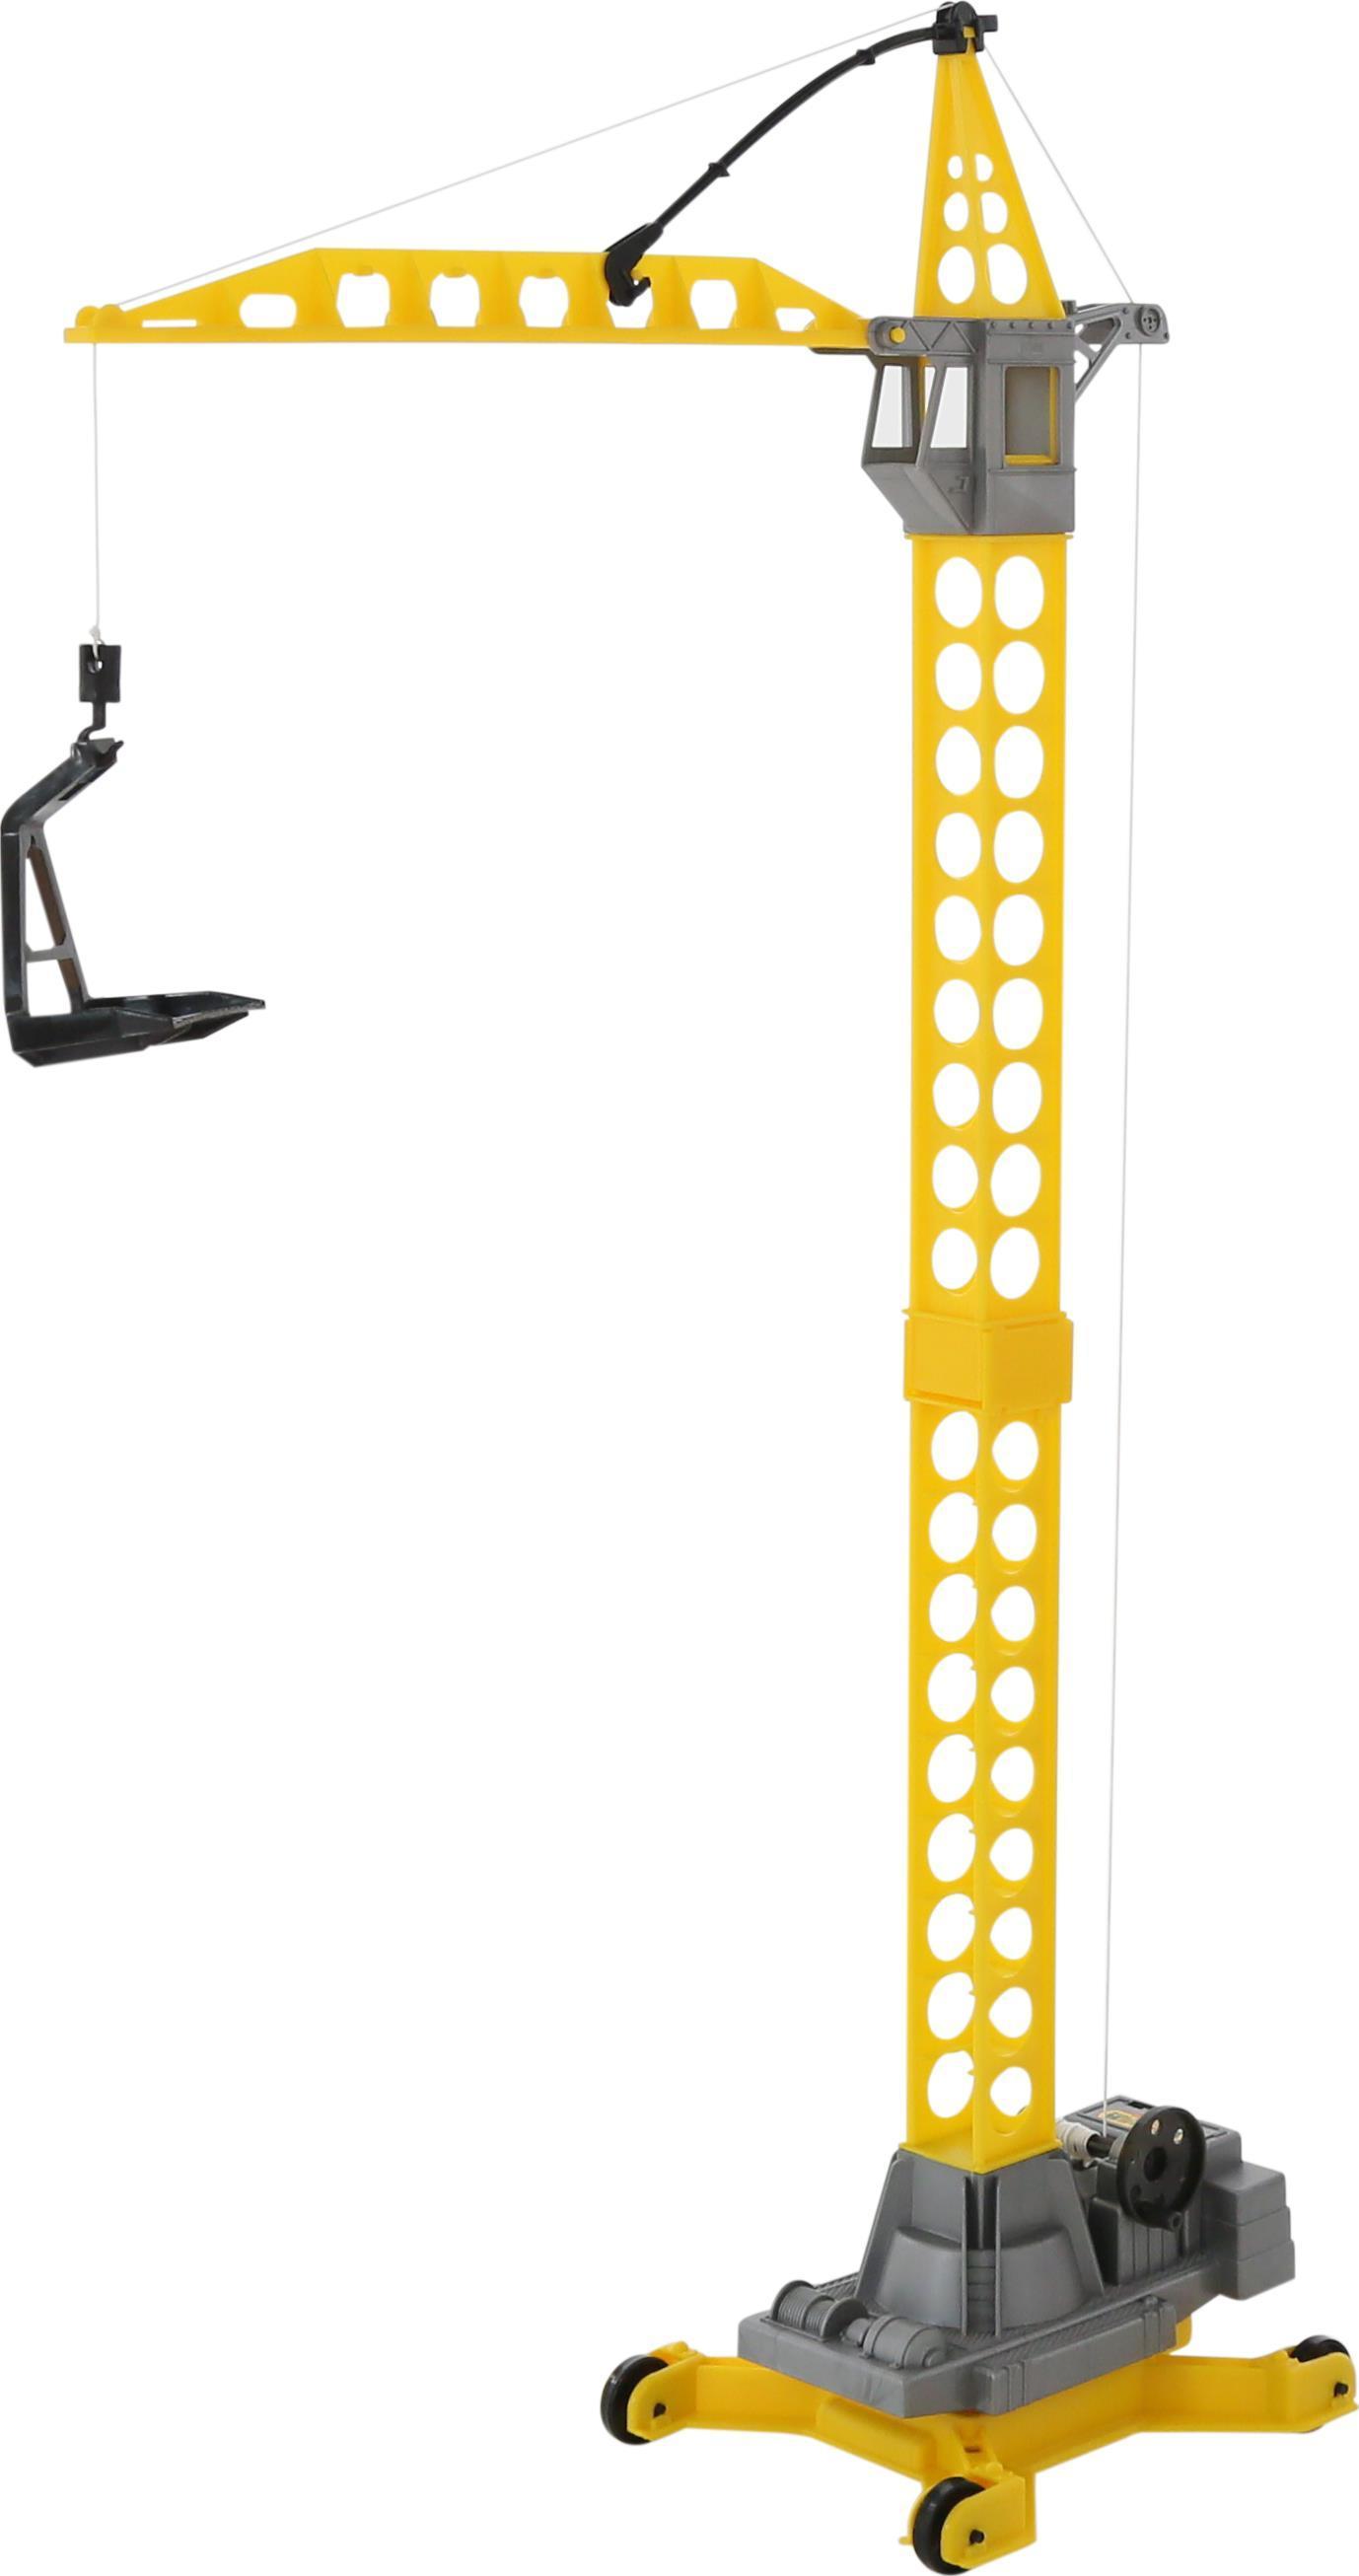 Купить Башенный кран на колёсиках – Агат, большой, Полесье